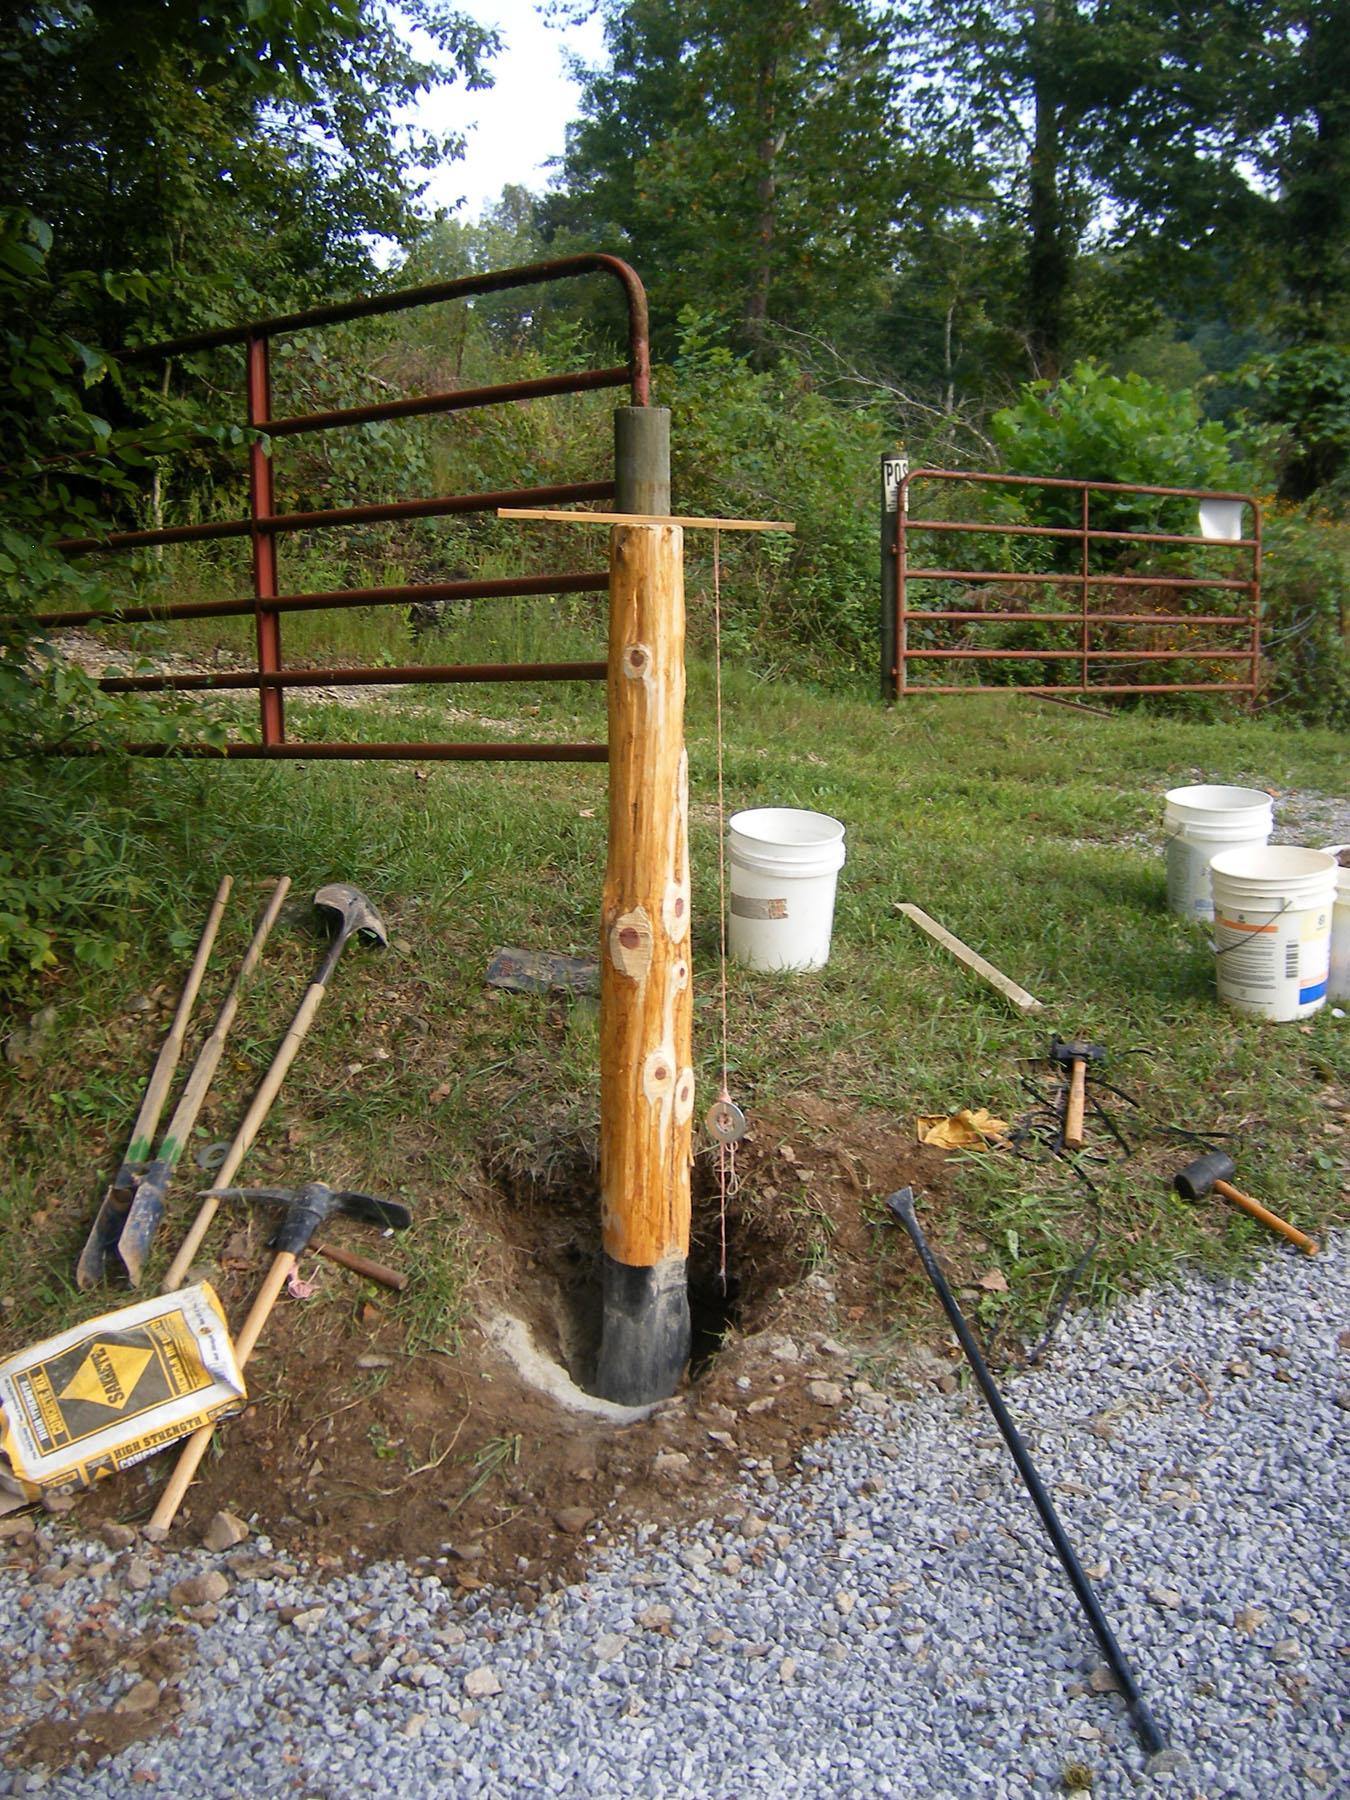 Plumbing the hinge post